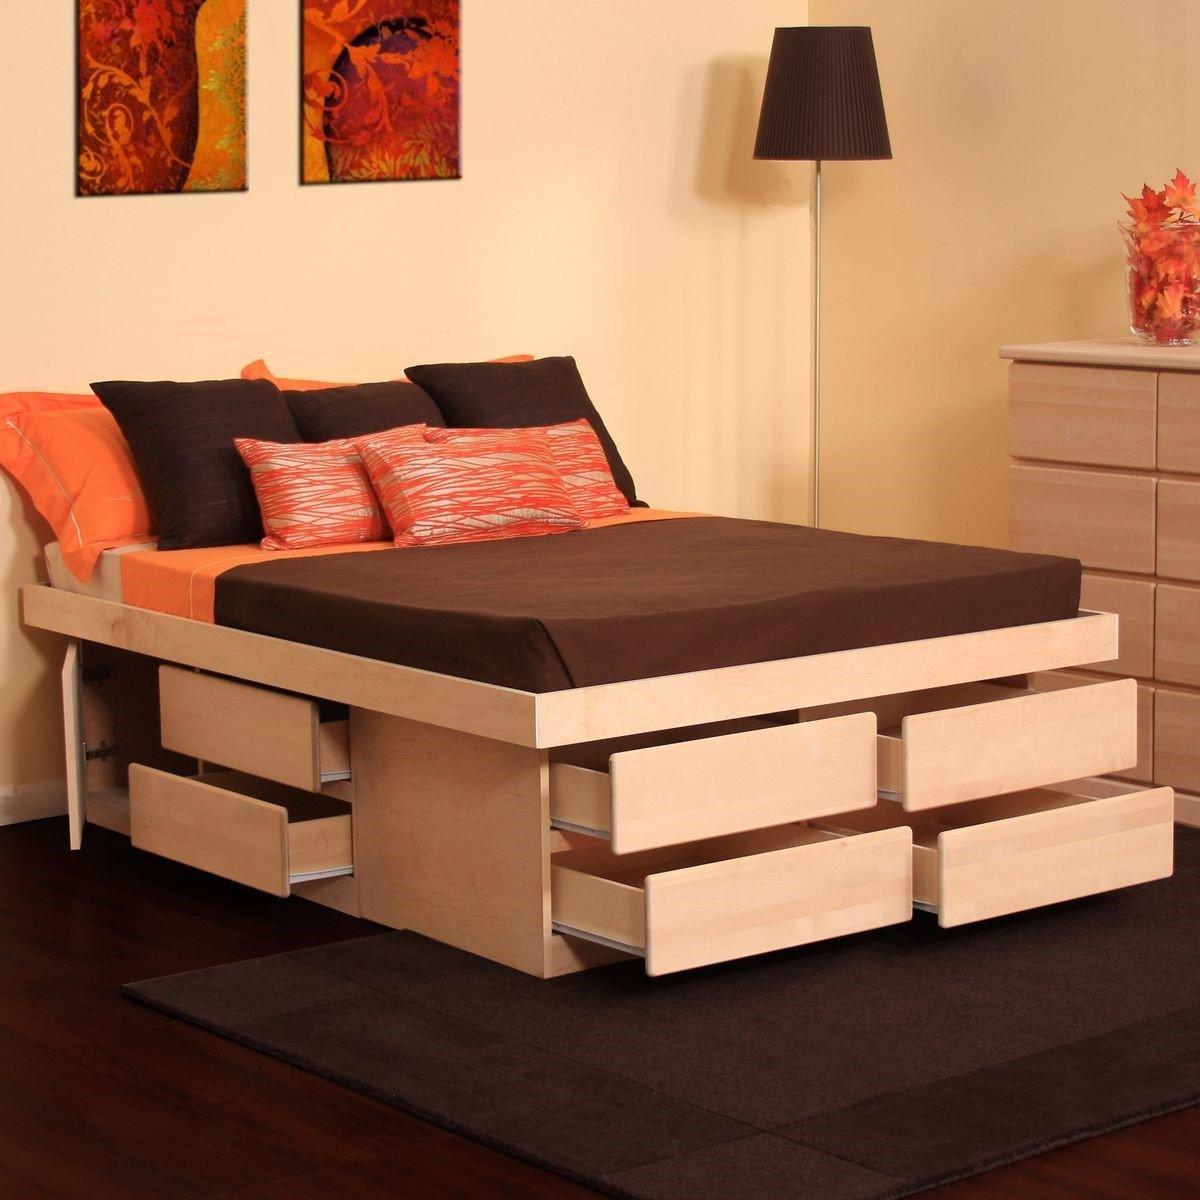 Как сделать кровать подиум своими руками пошагово Фото 99